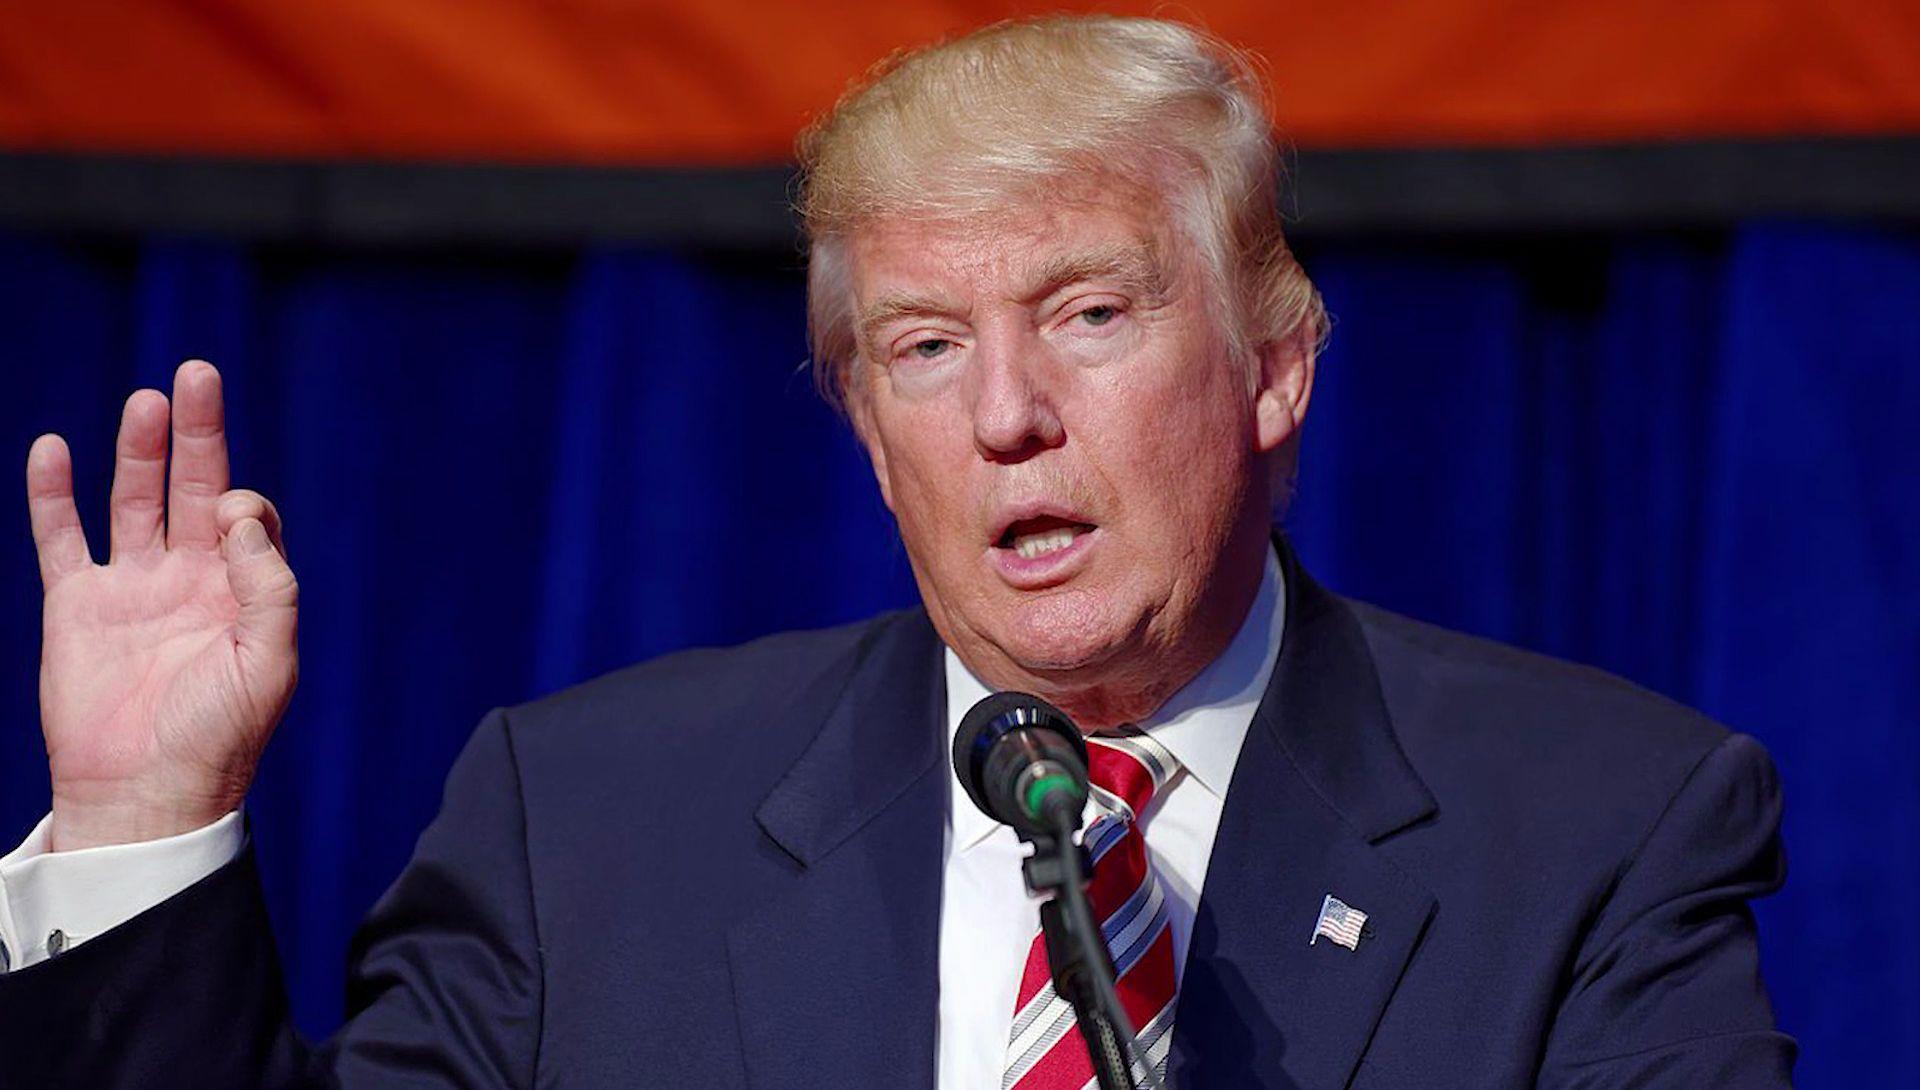 Trump zostanie usunięty z urzędu?